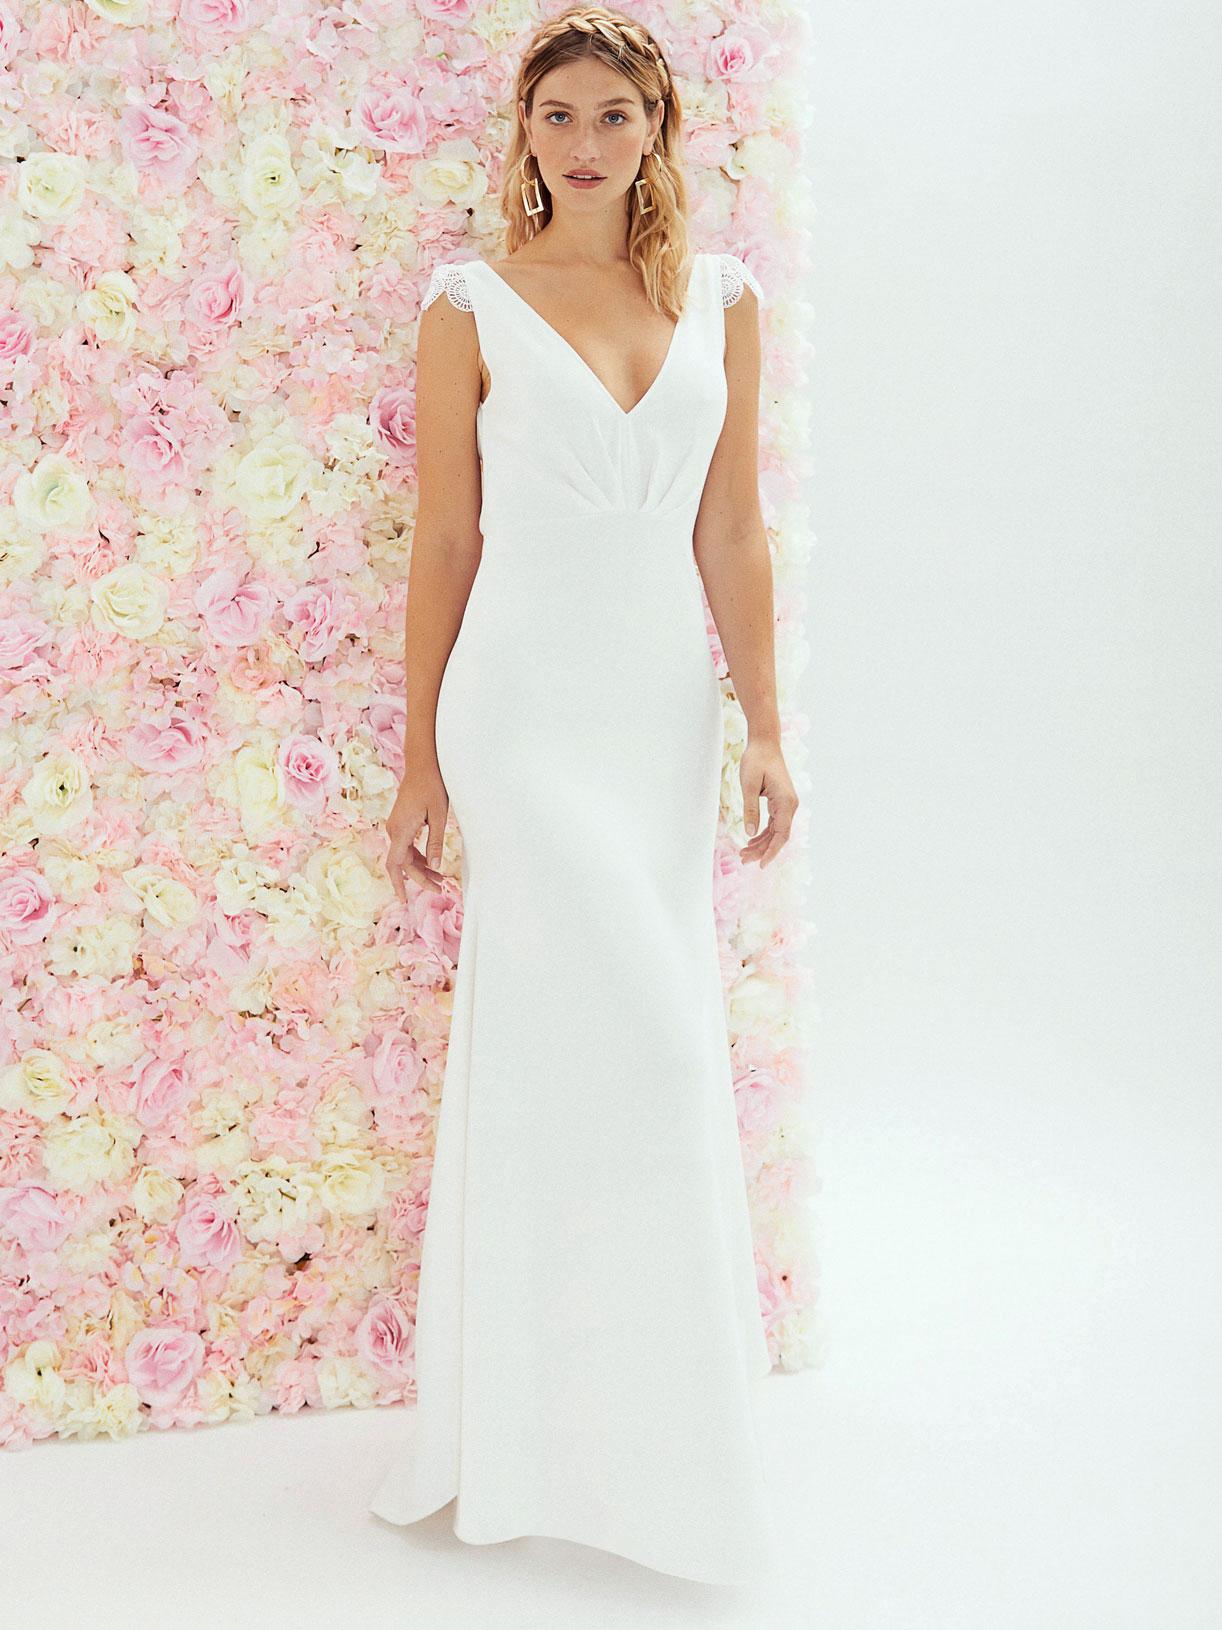 Robe de mariée dos nu princesse ecoresponsable sur mesure  - Creatrice de robe de mariée éthique et écoresponsable a Paris - Myphilosophy